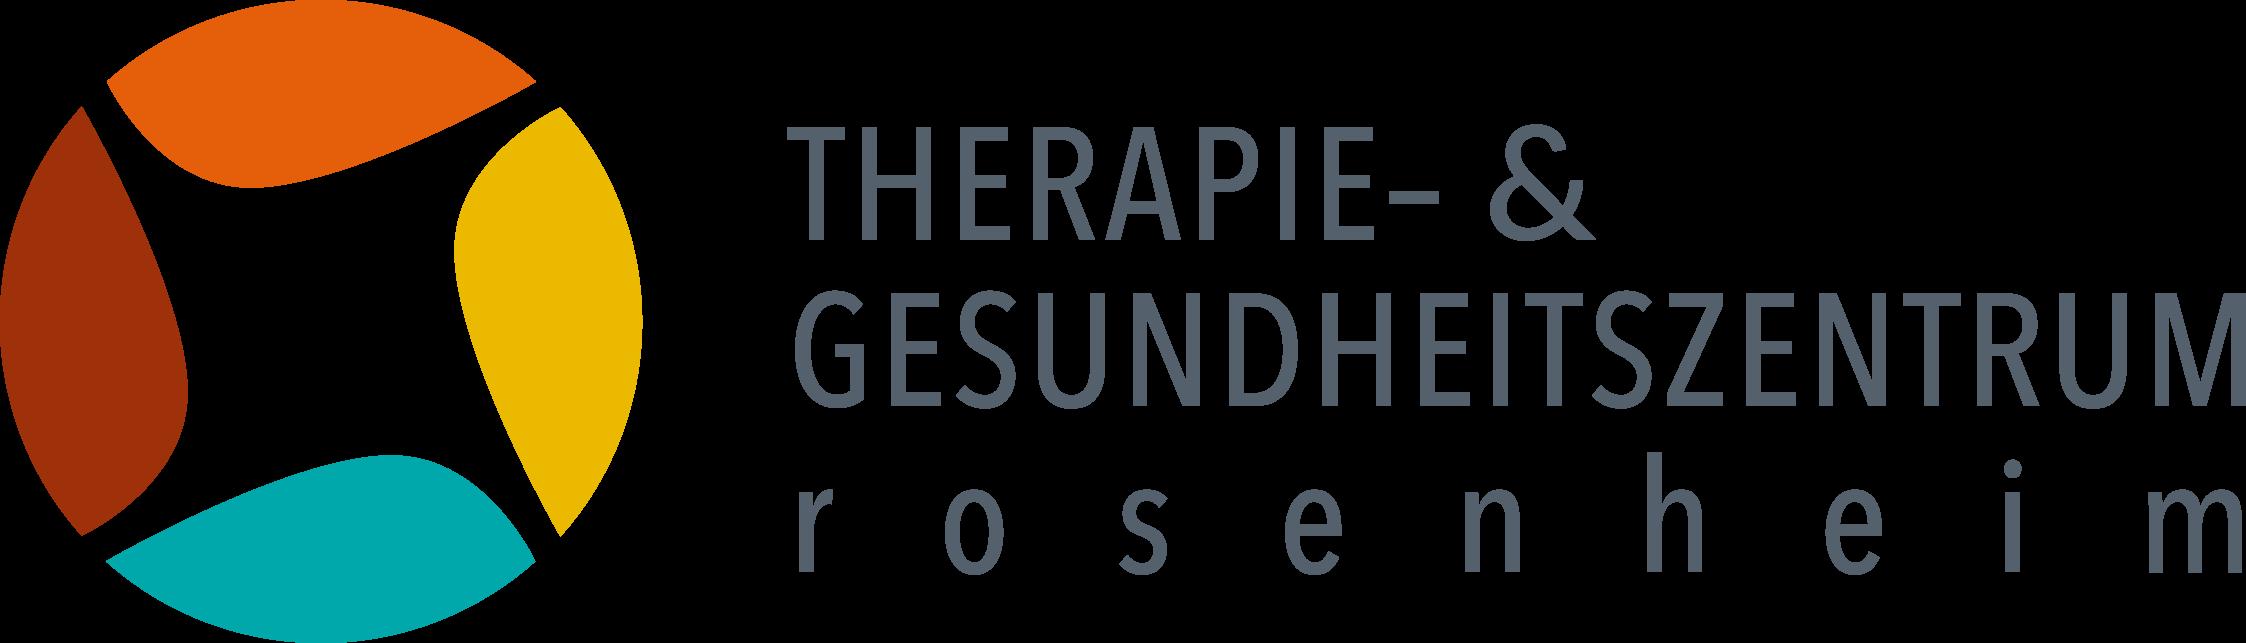 Therapie- und Gesundheitszentrum Rosenheim